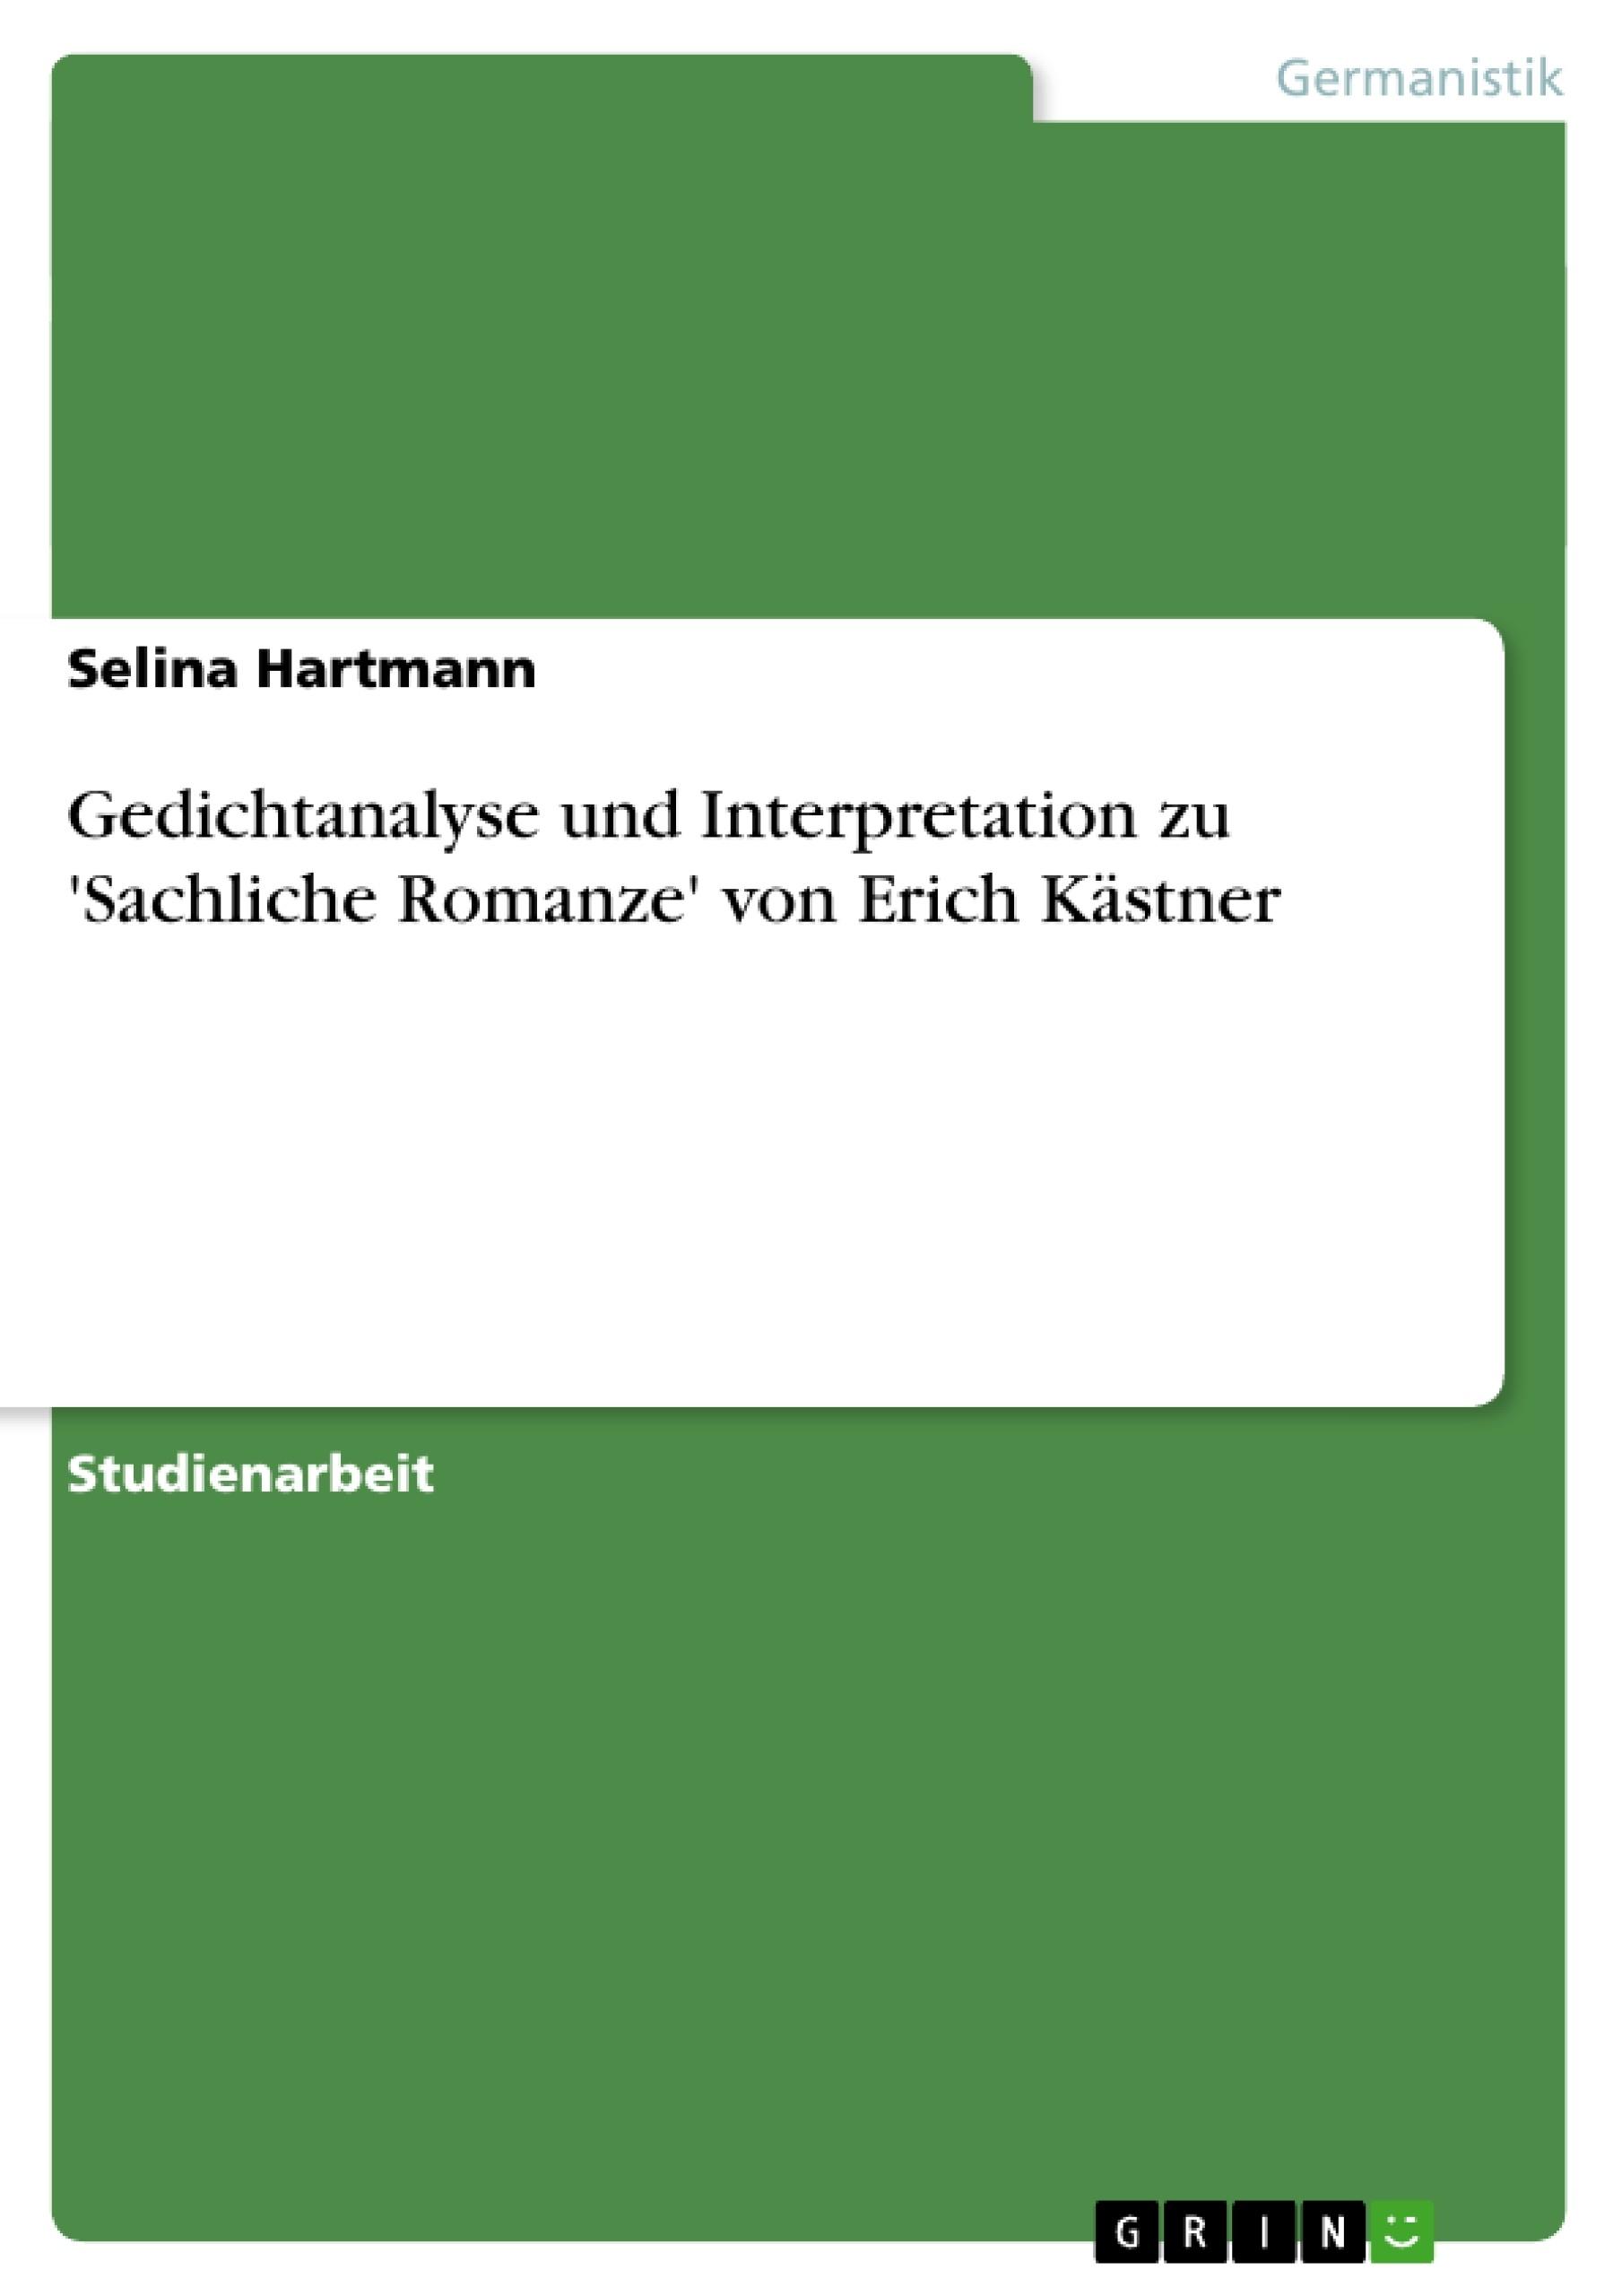 Titel: Gedichtanalyse und Interpretation zu 'Sachliche Romanze' von Erich Kästner